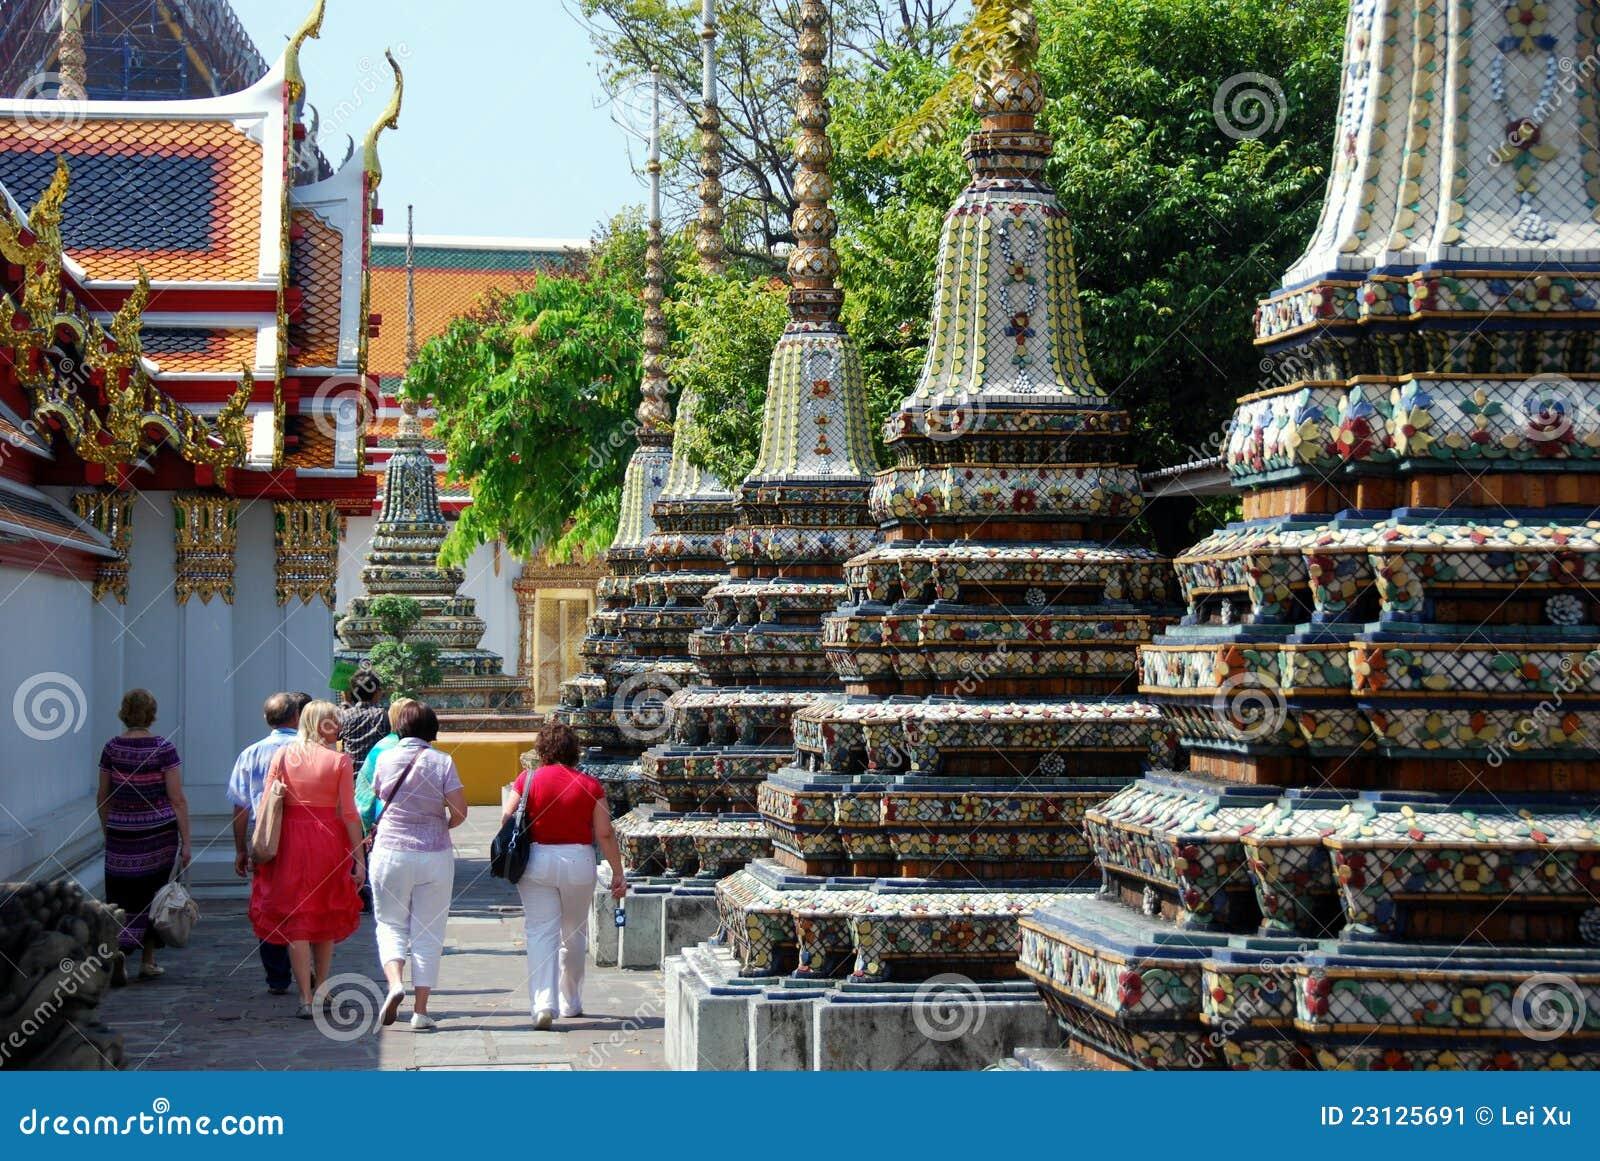 Bangkok, Thailand: Tour Group at Wat Pho